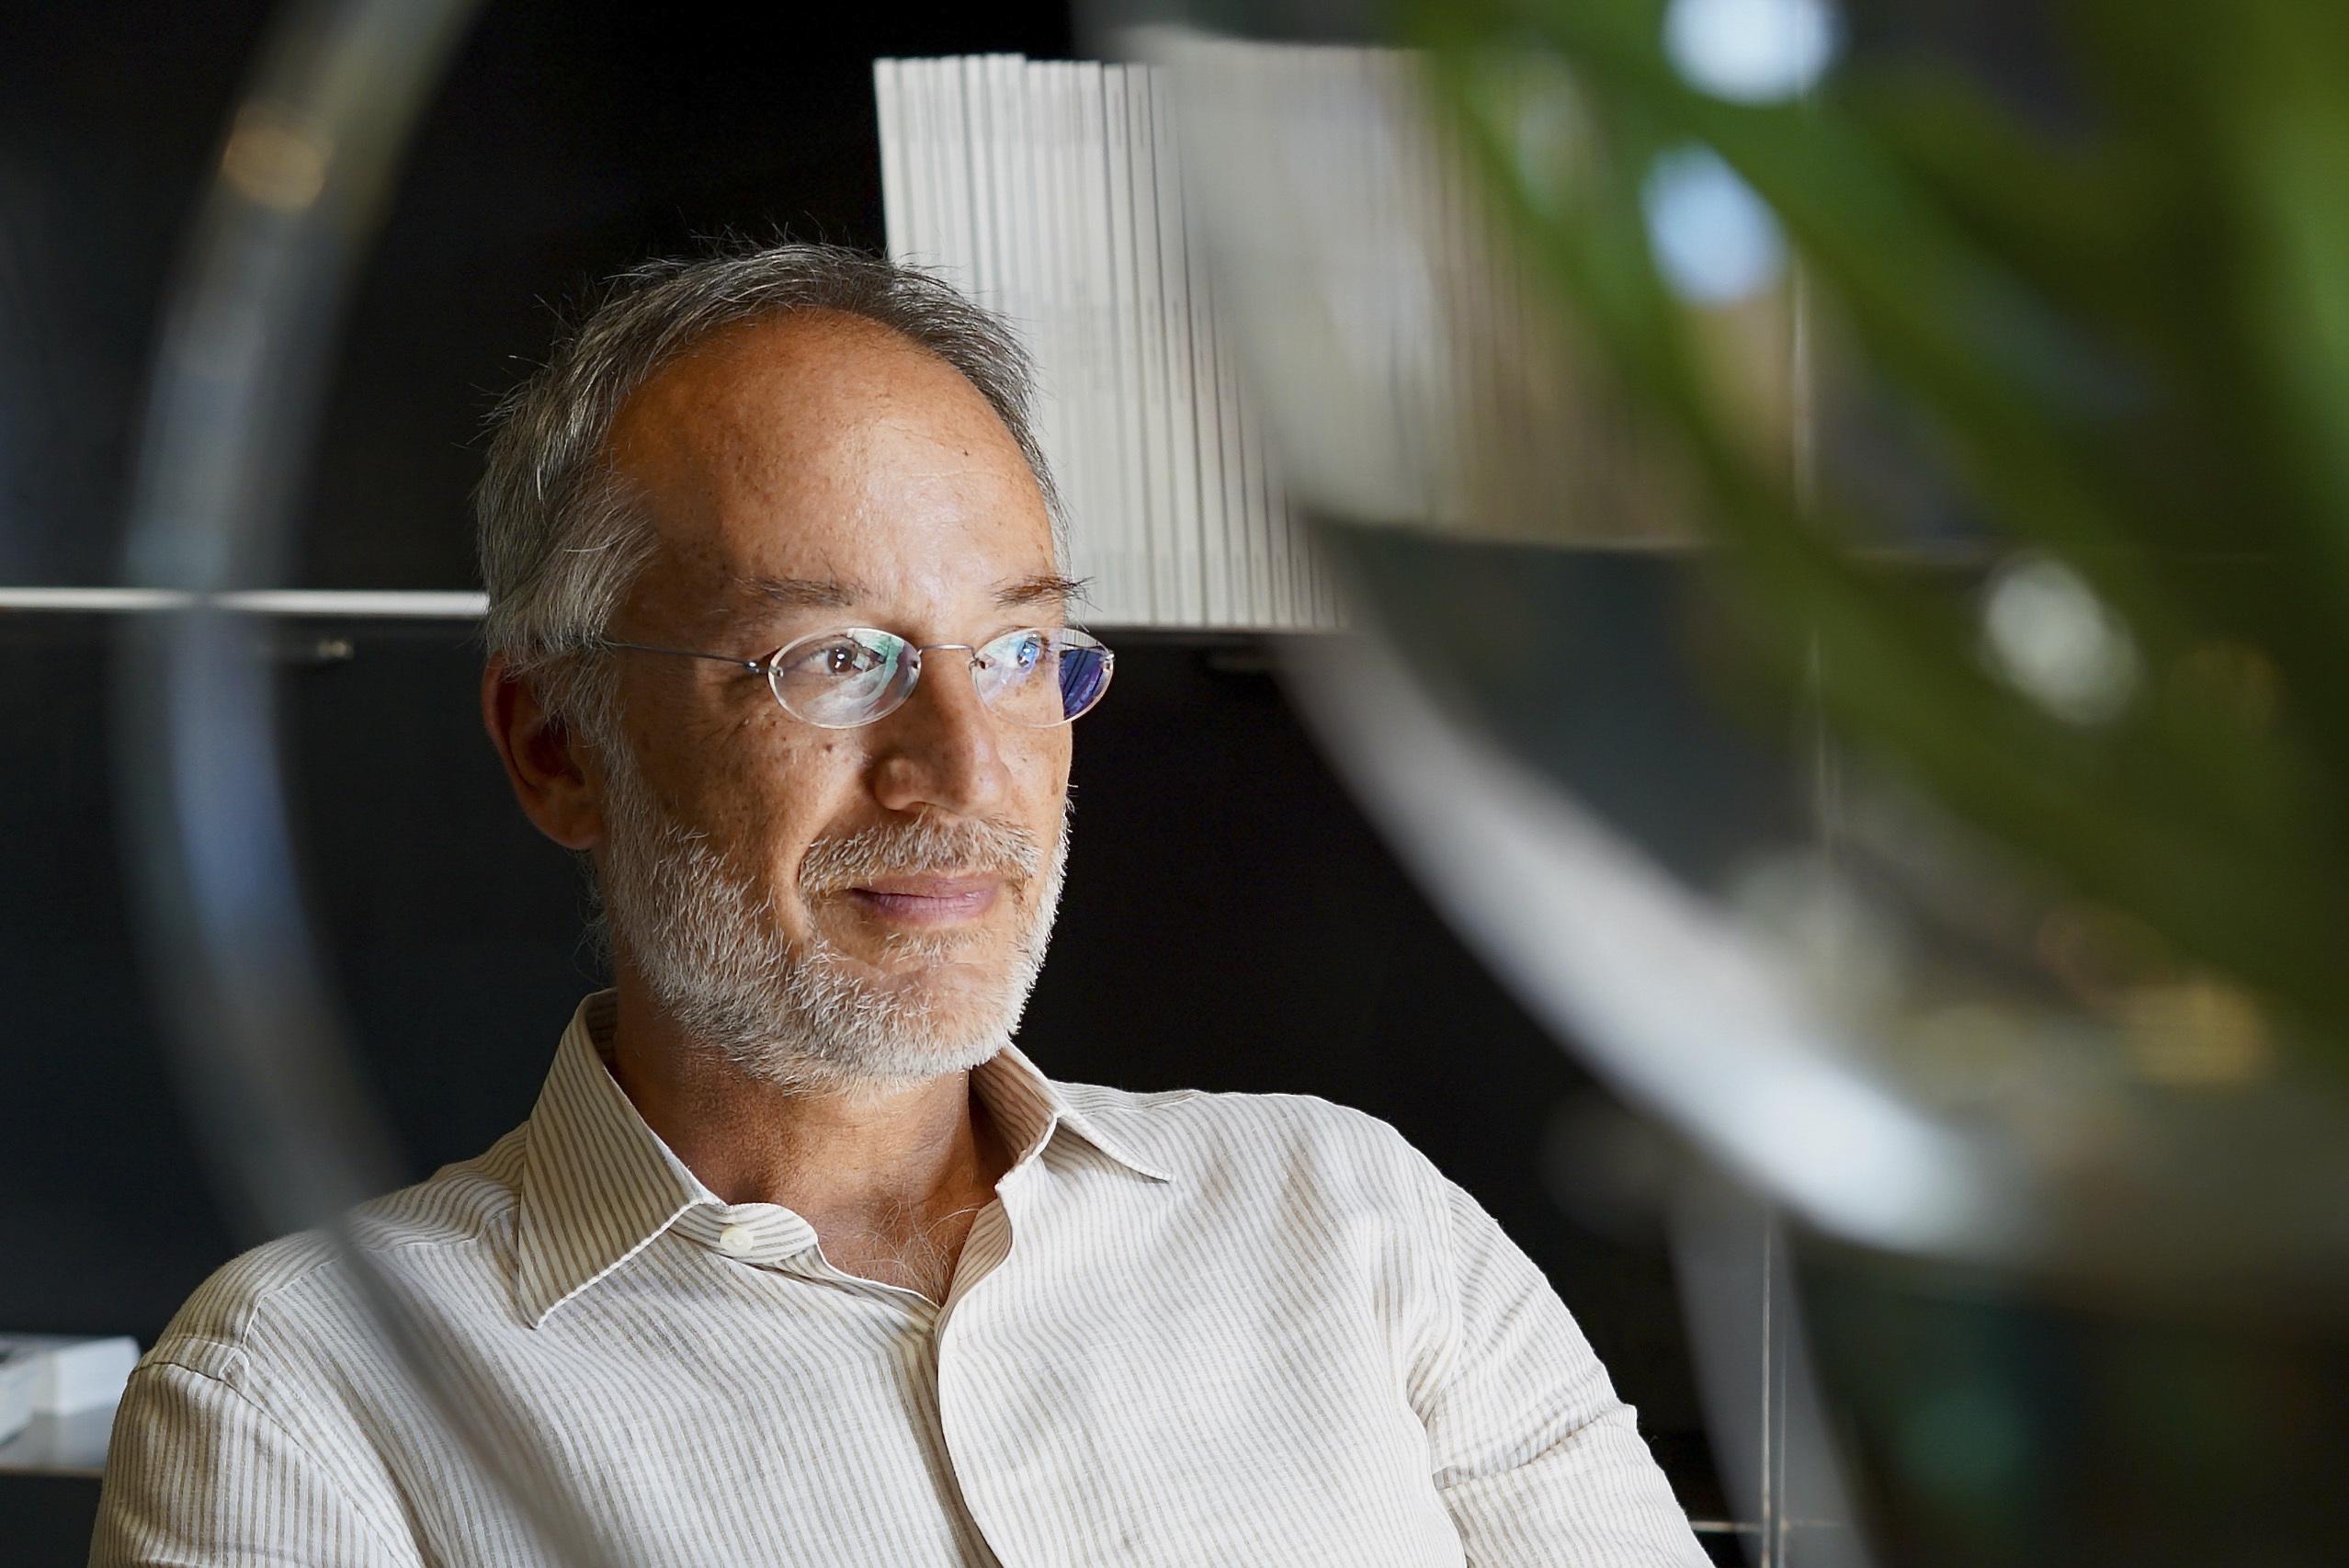 Stefano Mancuso,  director del Laboratorio Internacional de Neurobiología Vegetal de la Universidad de Florencia